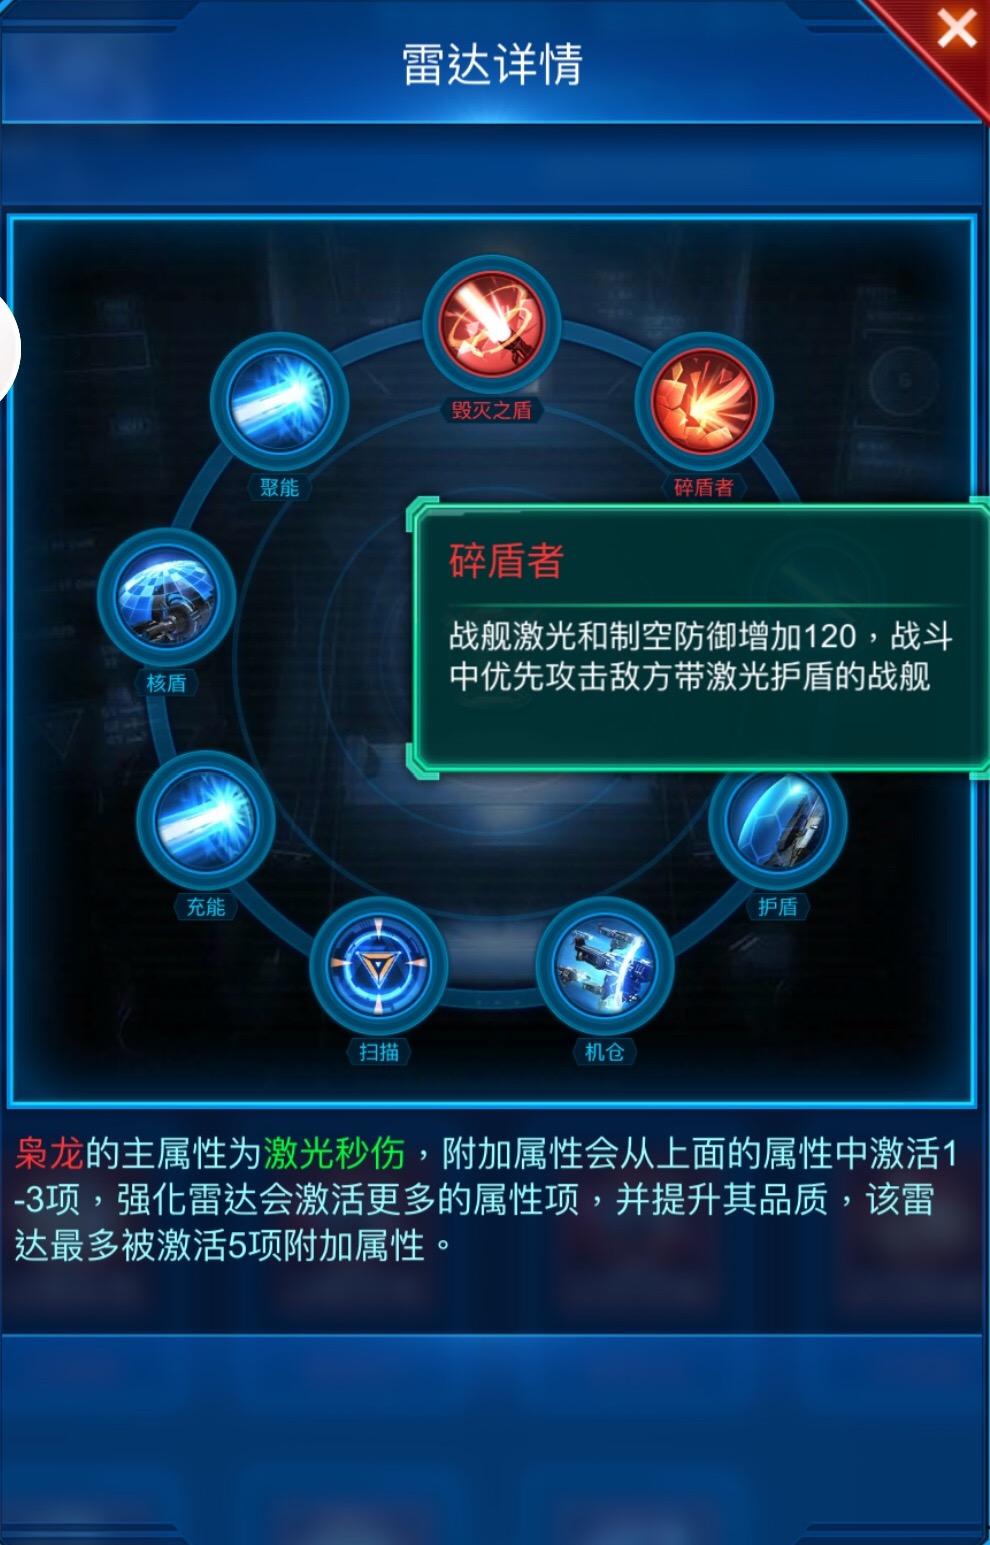 C72ACBE0-896D-4CD6-9720-1107B1FA471C.jpeg